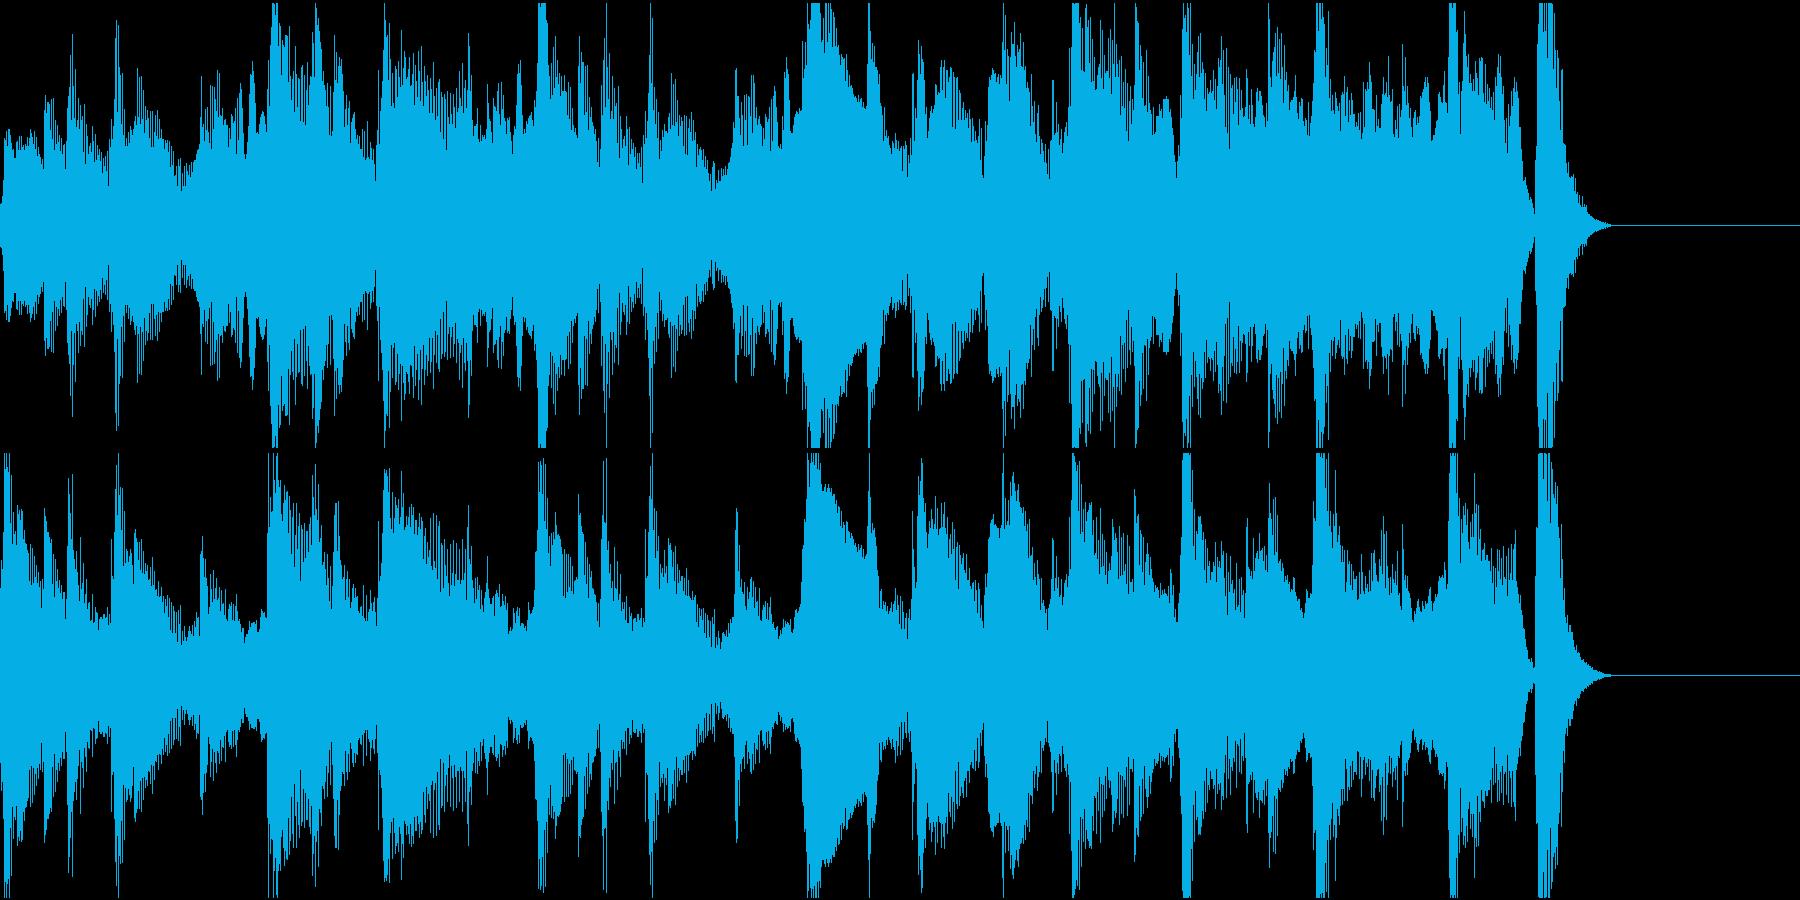 ほのぼのした15秒弱のジングルの再生済みの波形